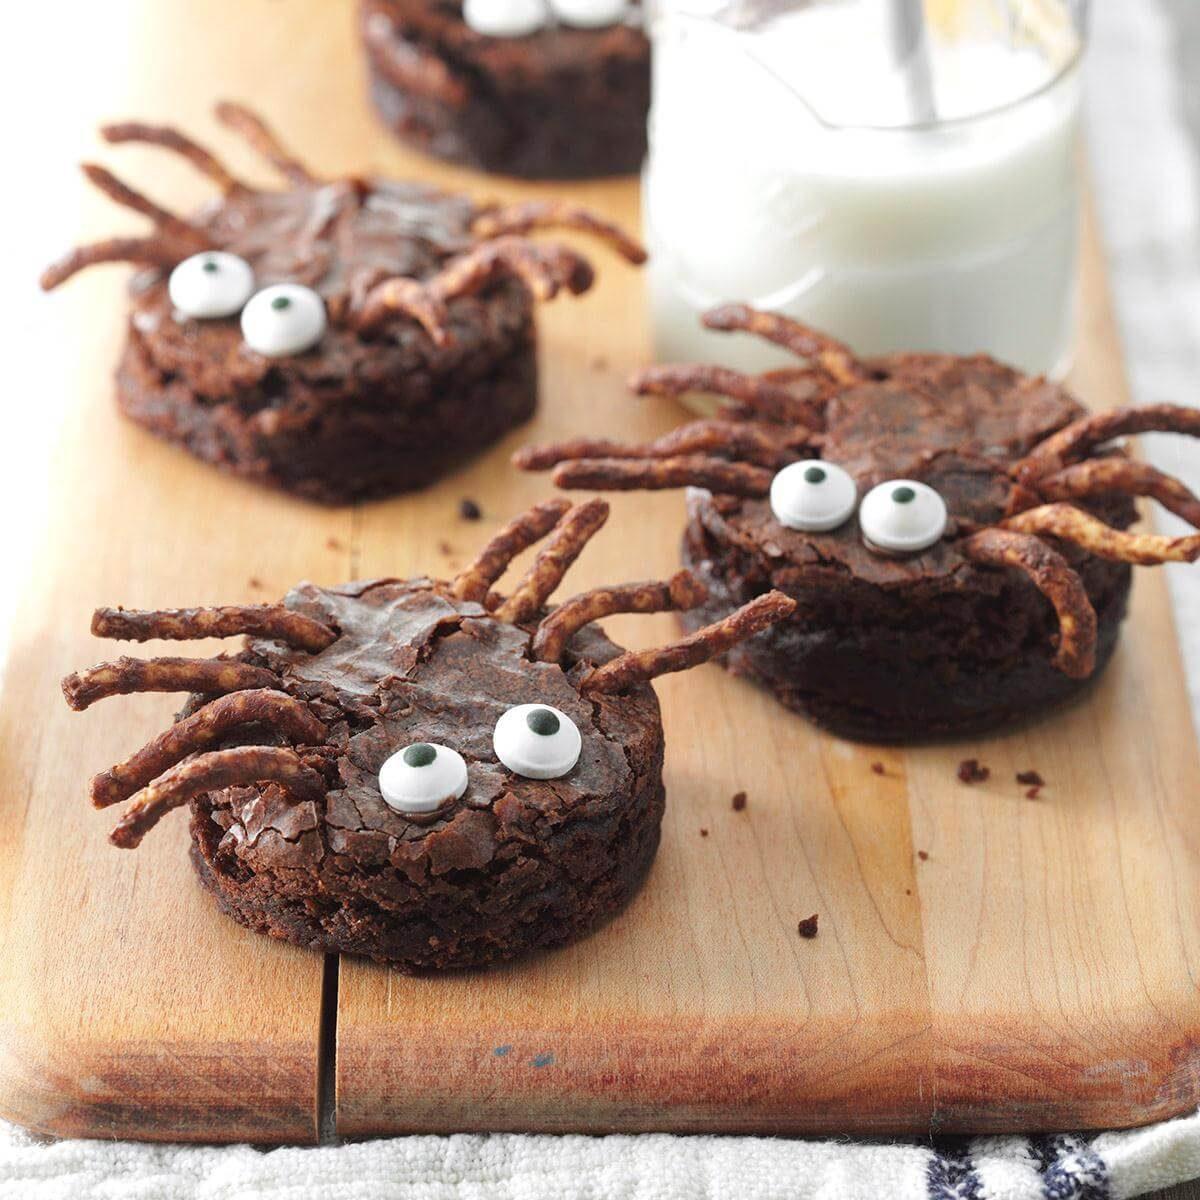 9 Creepy Crawly Halloween Party Recipes